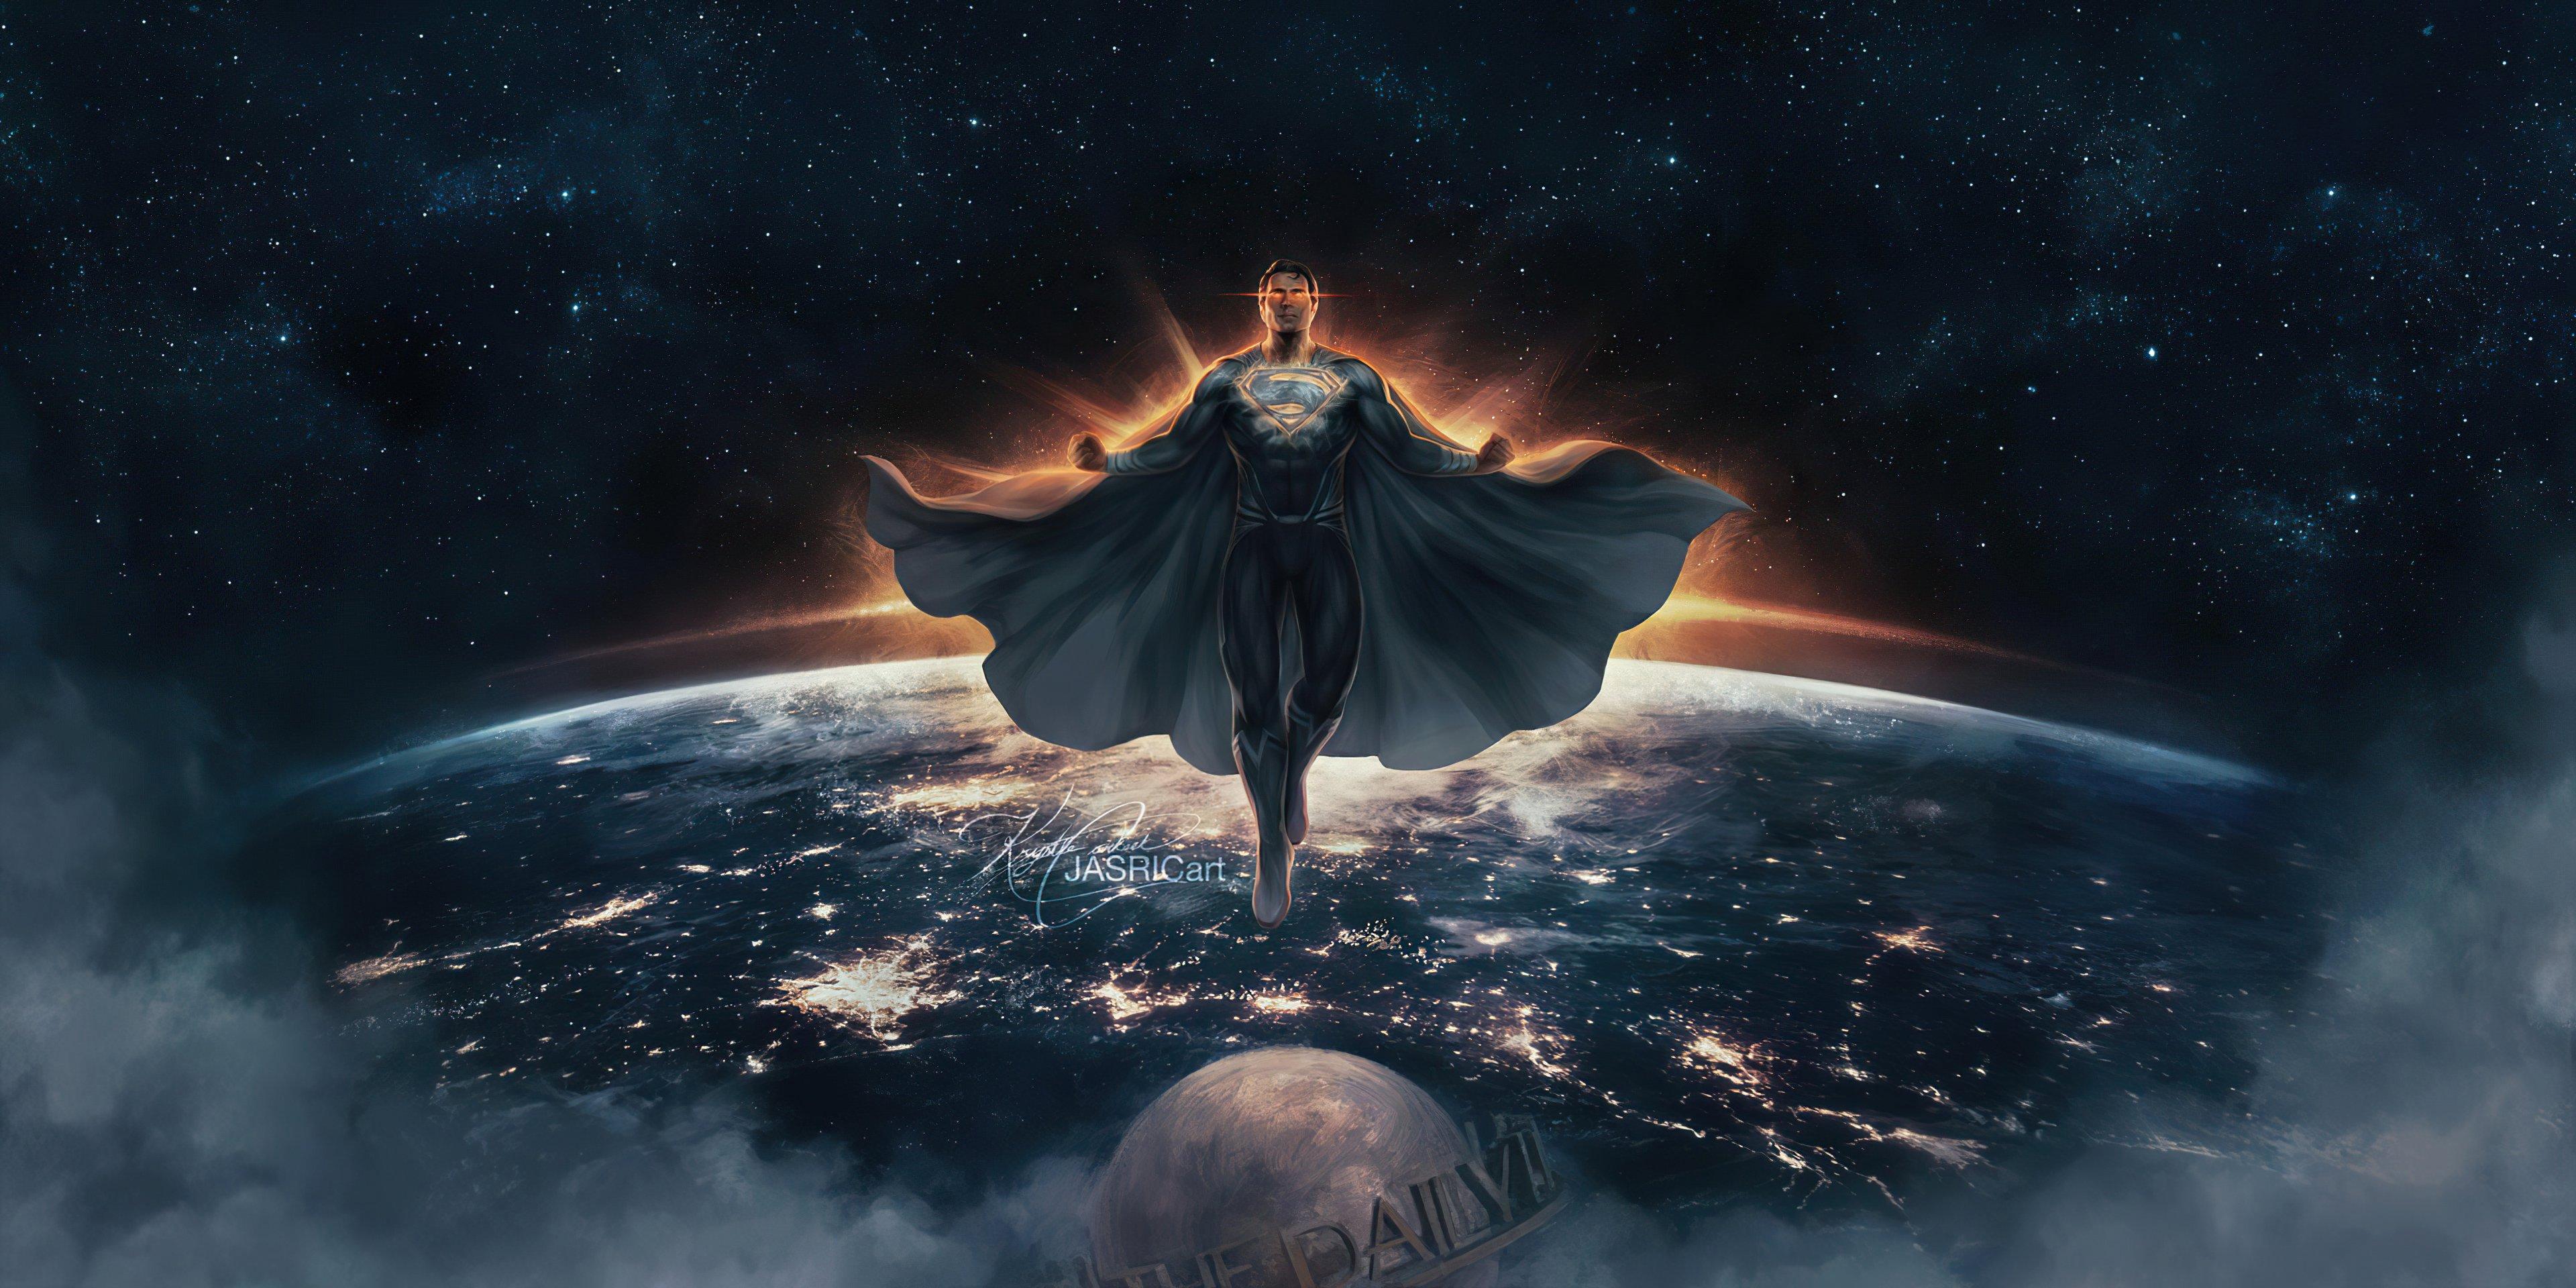 Wallpaper Superman black suit Justice League Zack Snyder